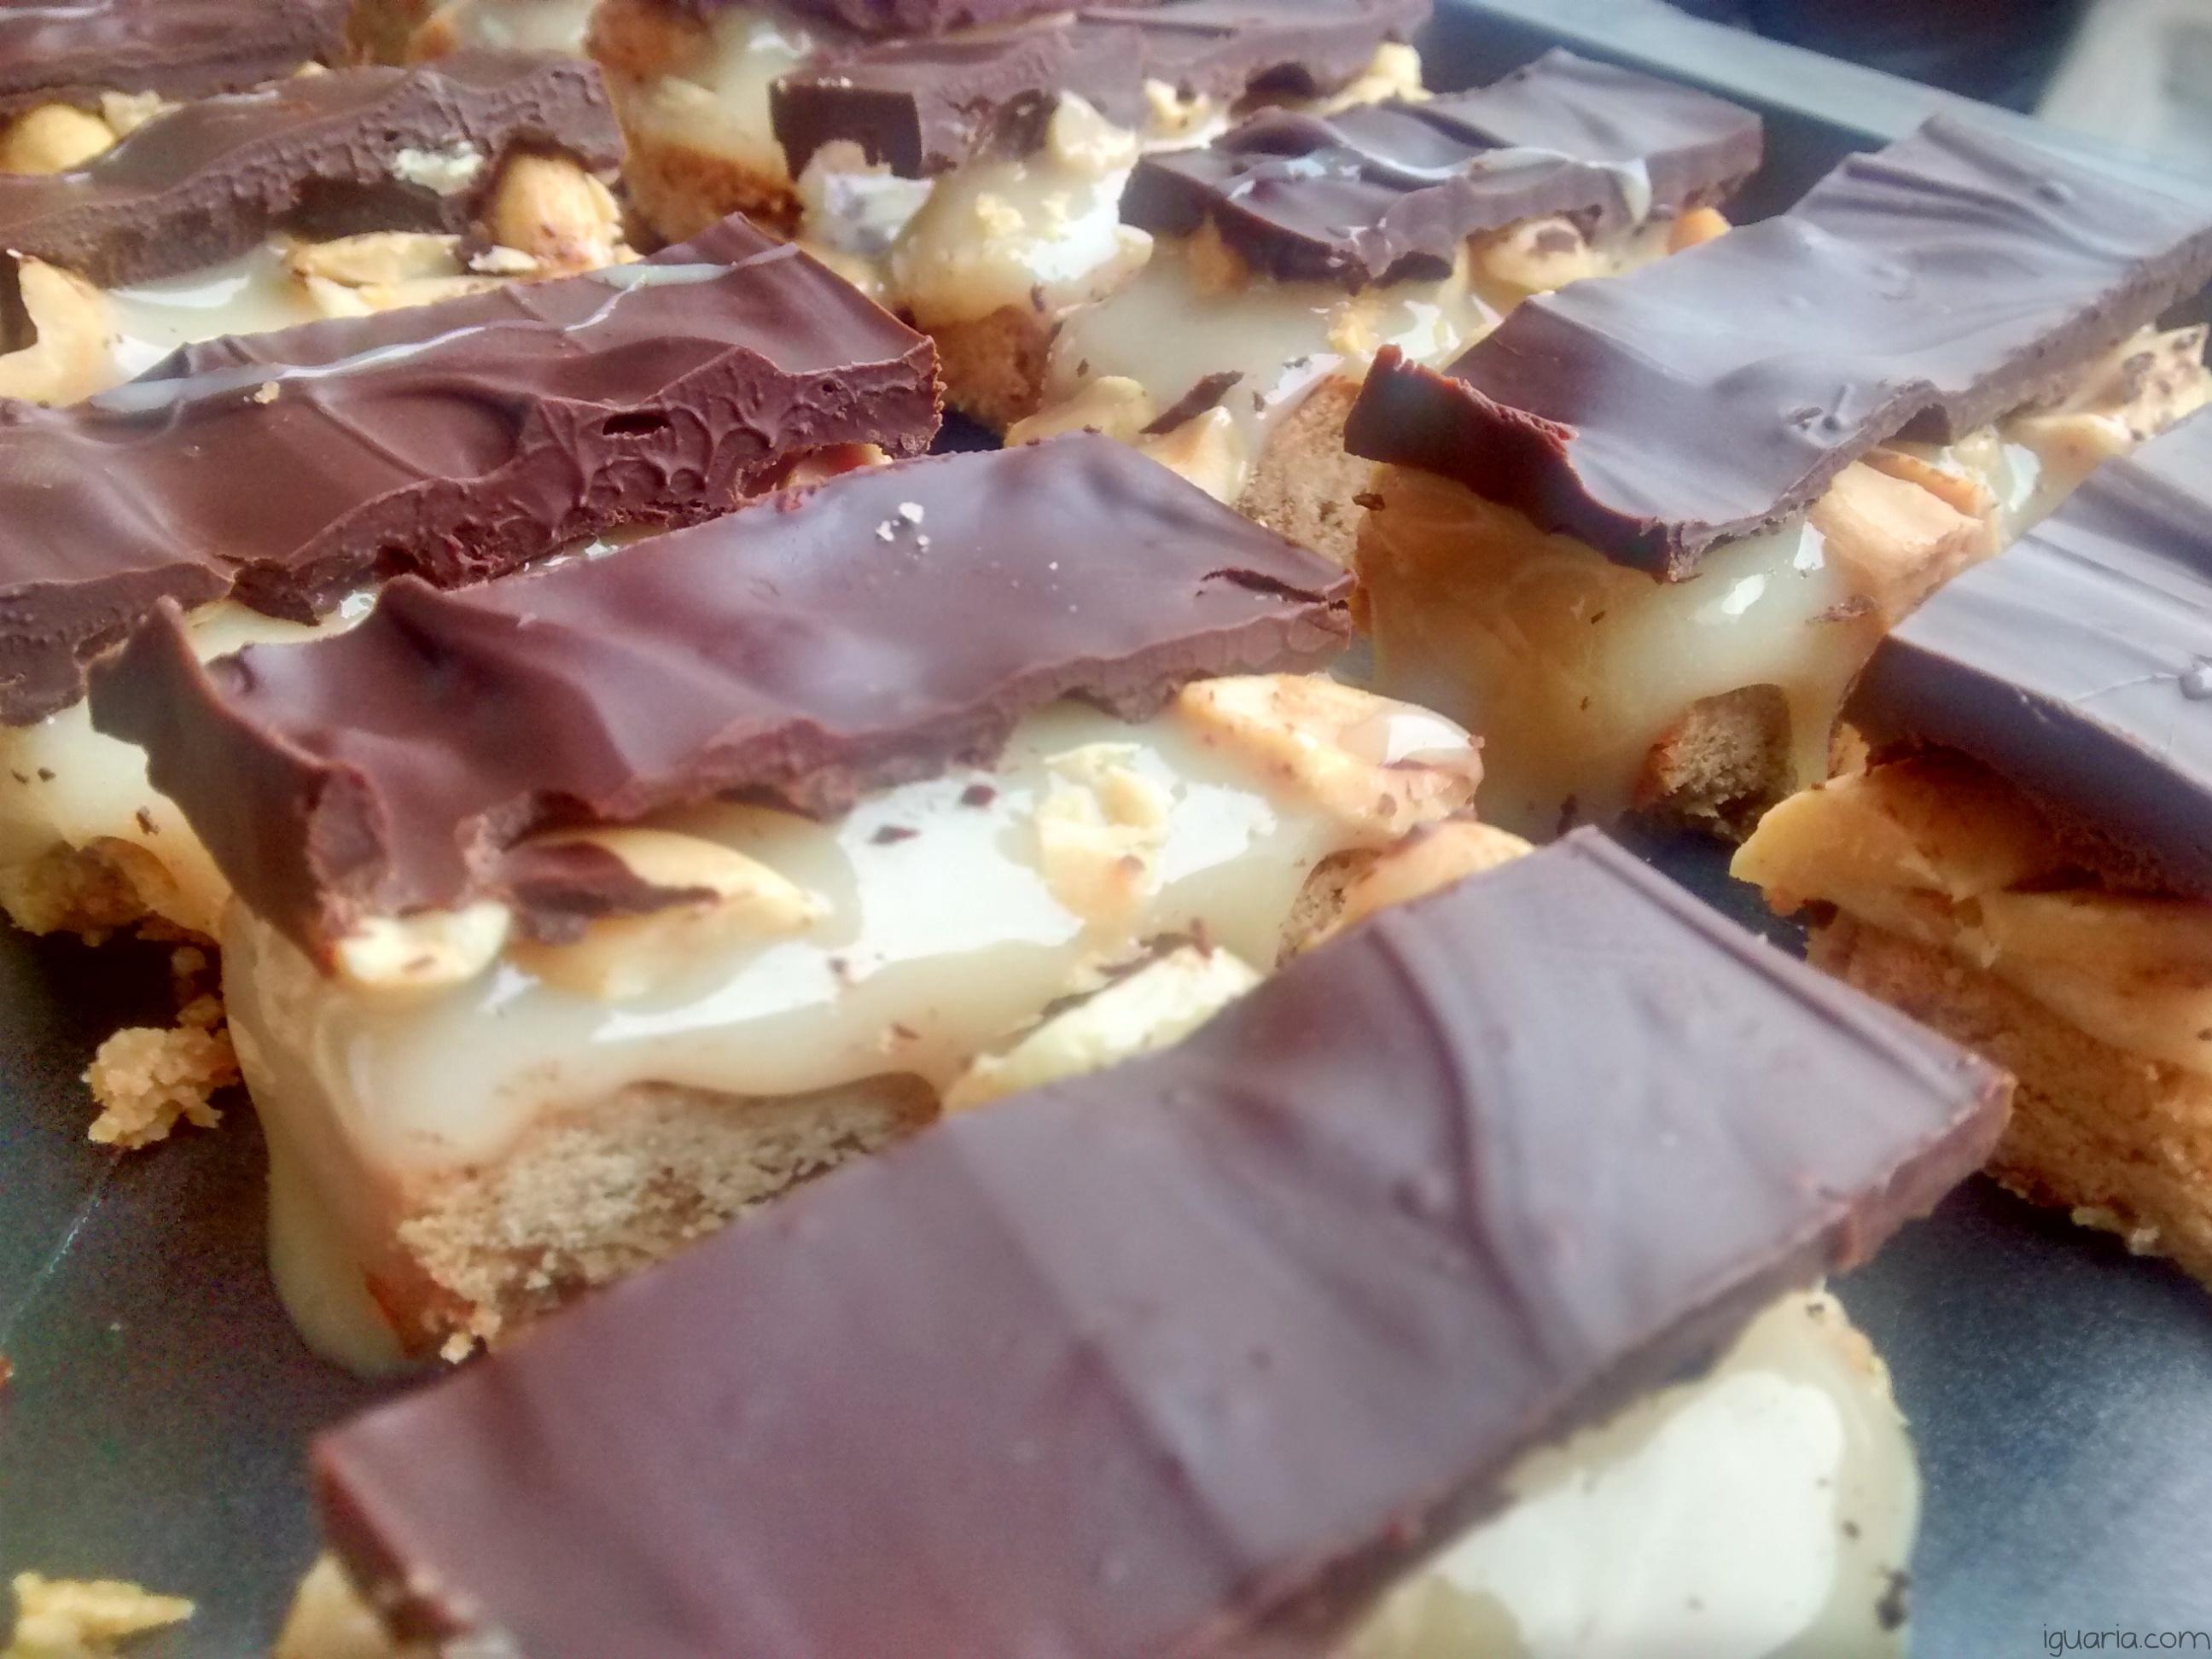 Iguaria_Snickers-com-Amendoim